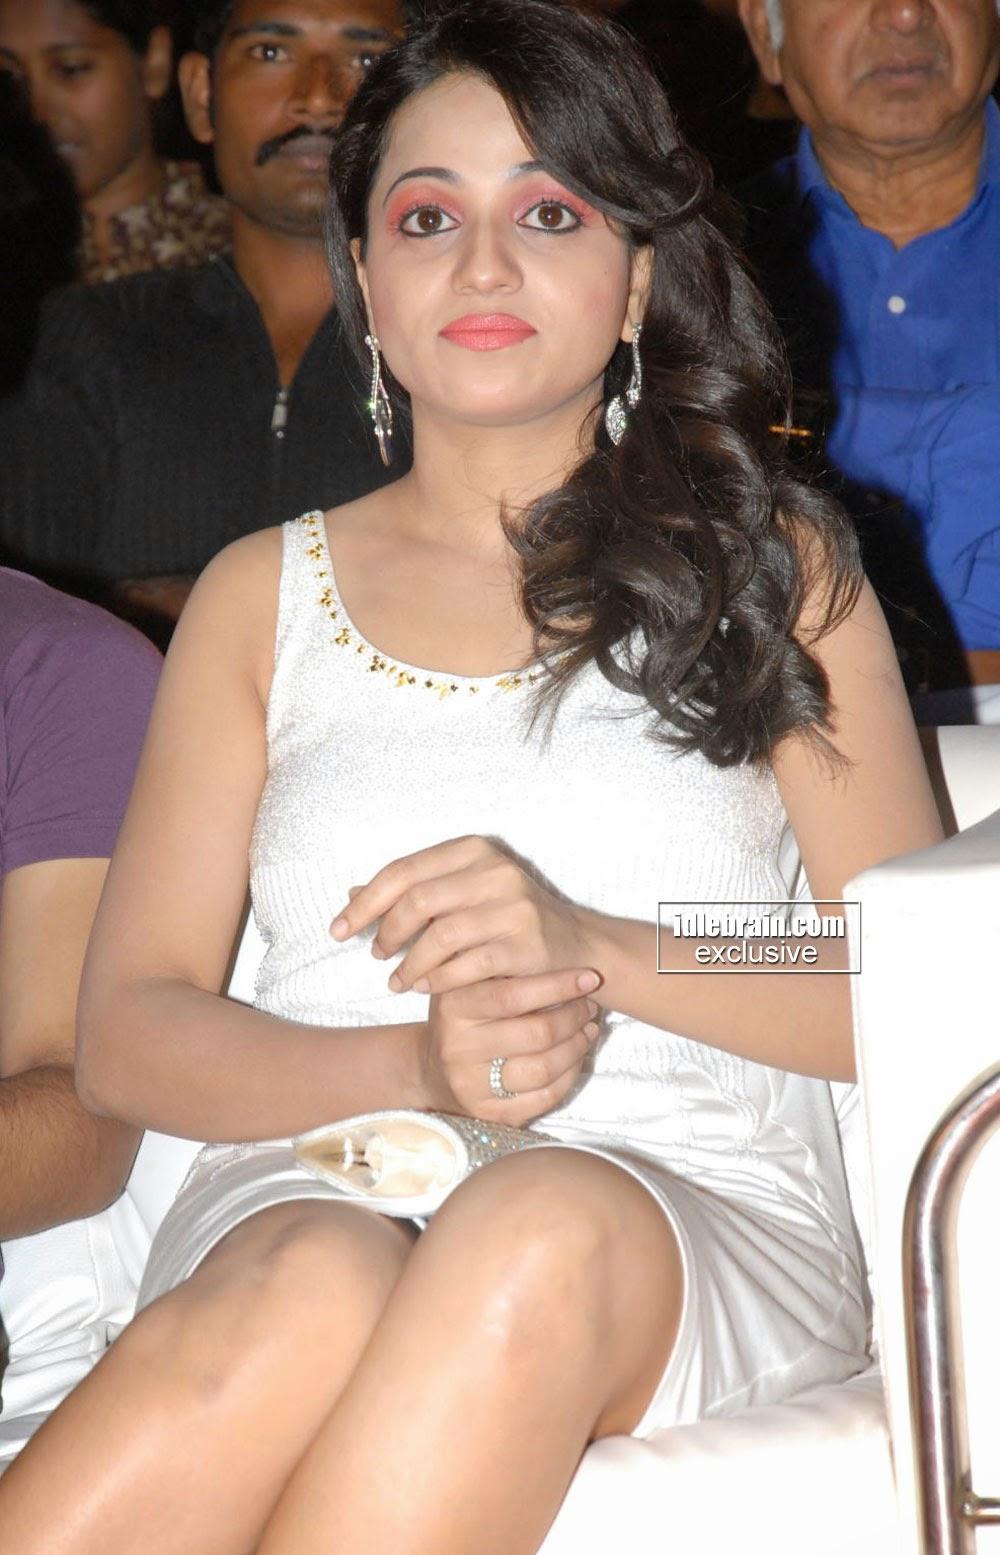 Reshma indian film actress